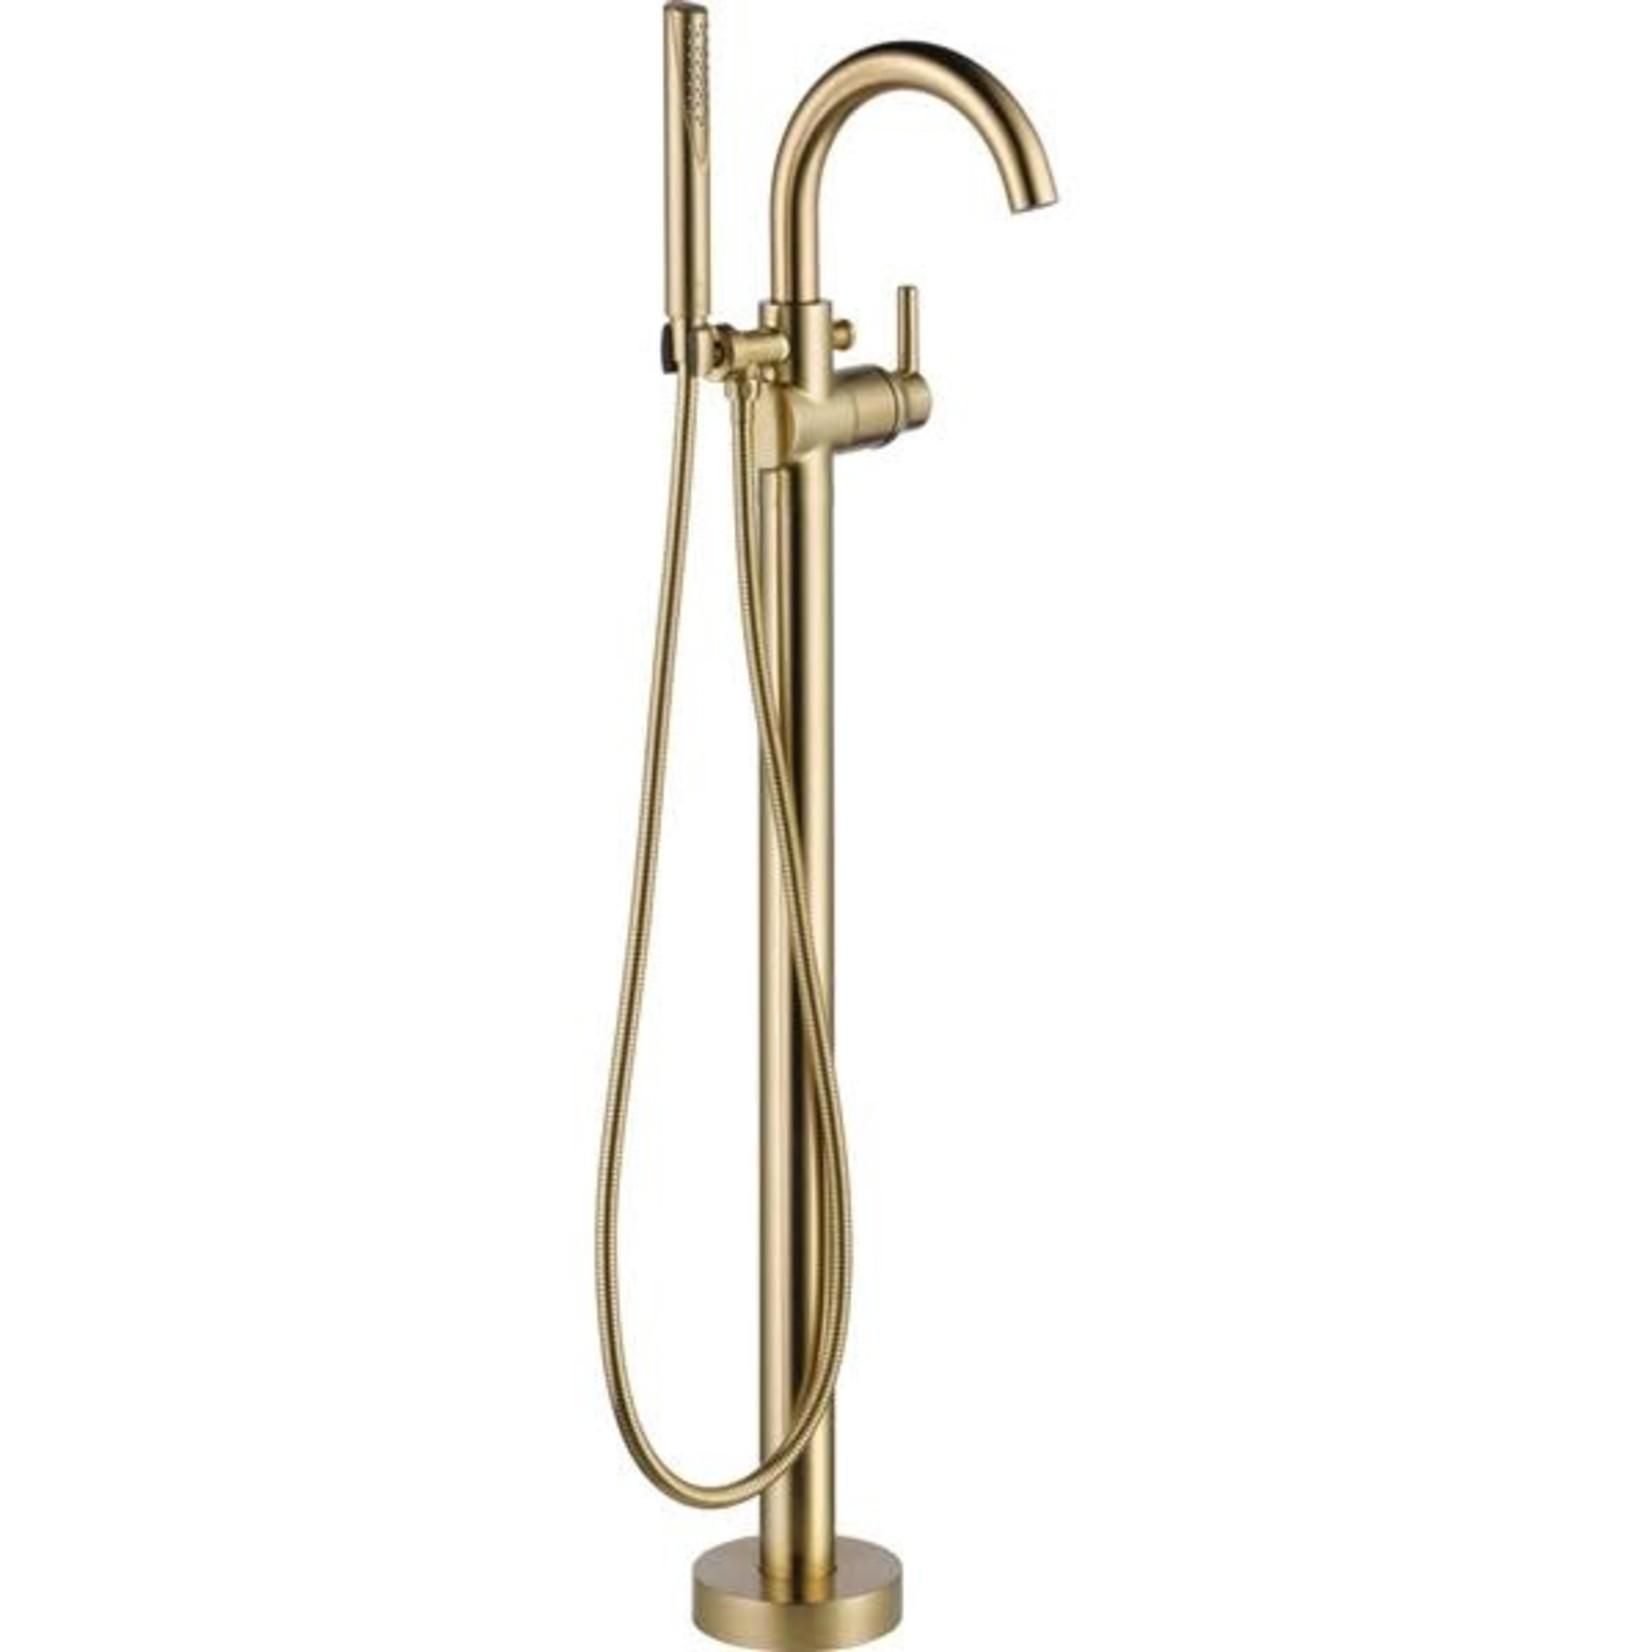 Brushed gold pedestal bathtub faucet Elyn collection NRD-S128-044